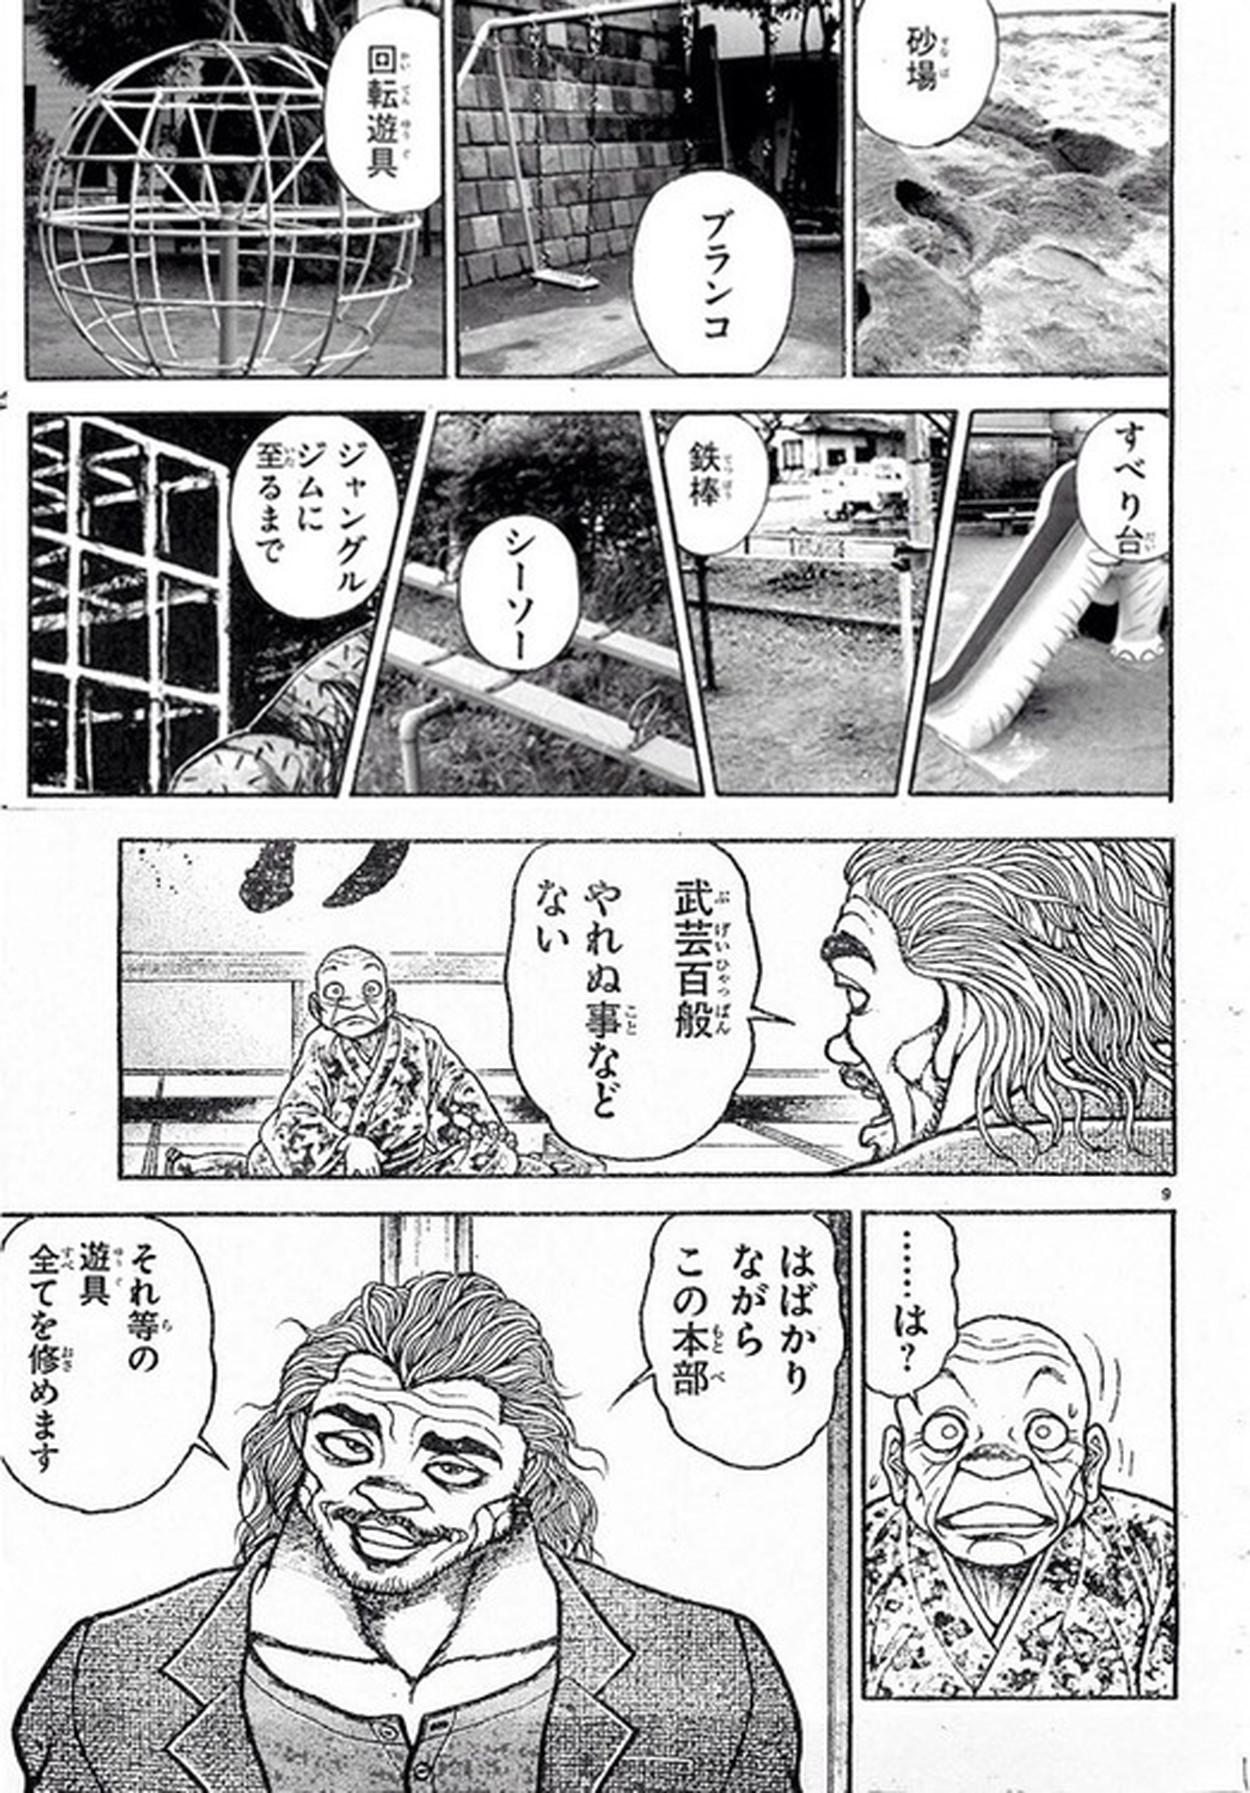 43d8d70a s - 【腹筋崩壊】刃牙シリーズの面白いコラ画像まとめてみた!!